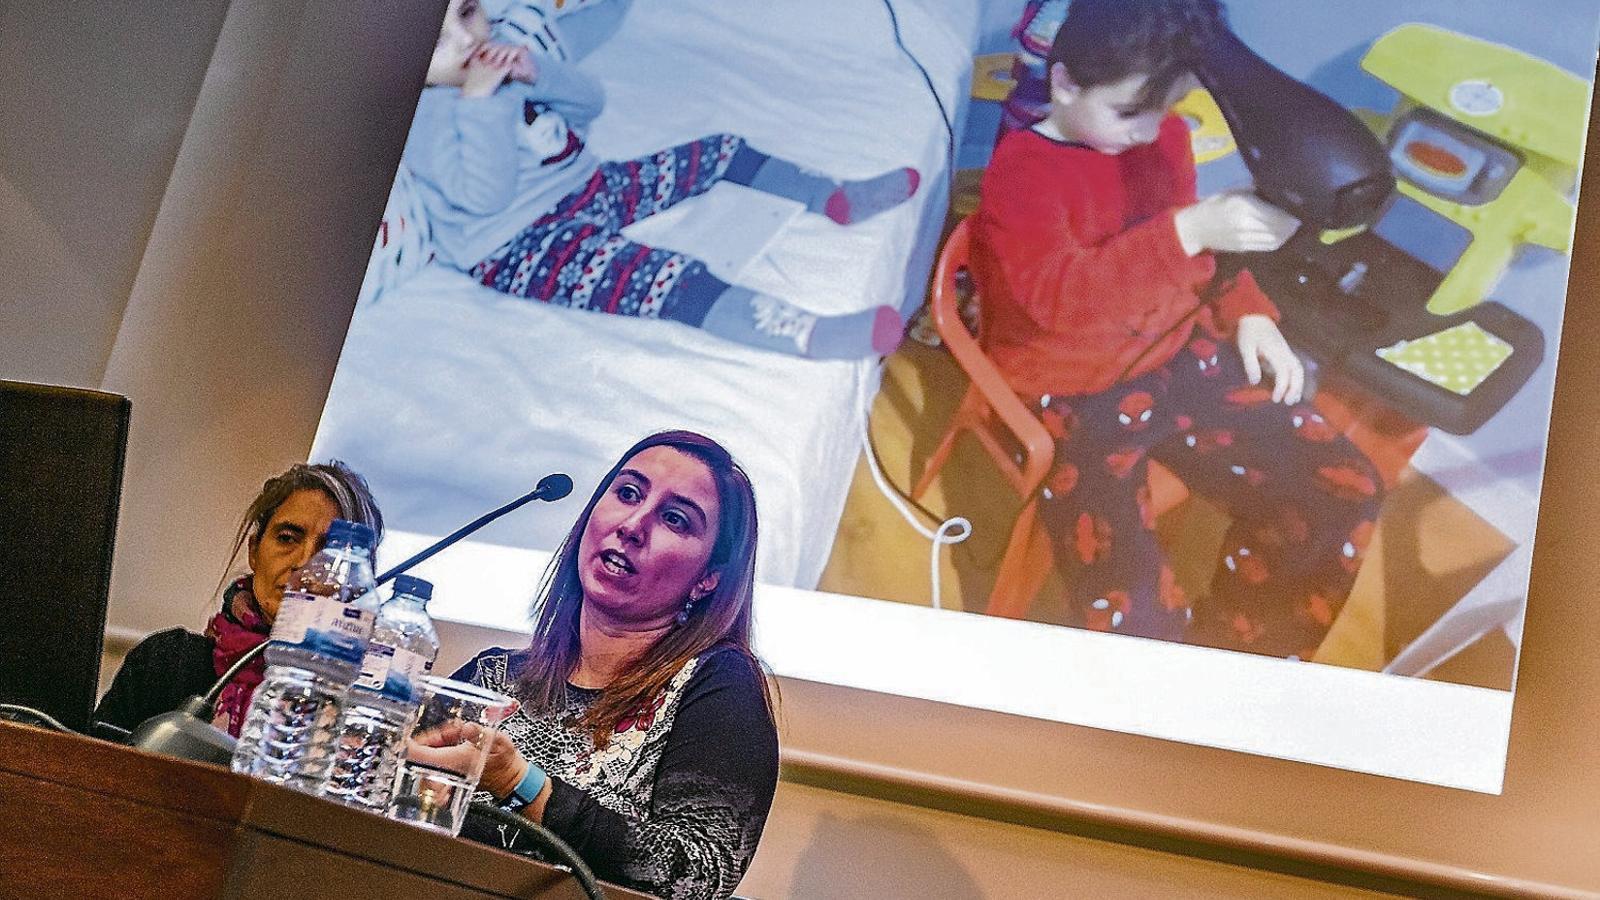 La nova eina va presentar-se en el marc d'unes jornades sobre com es posa la tecnologia al servei dels infants amb discapacitat.